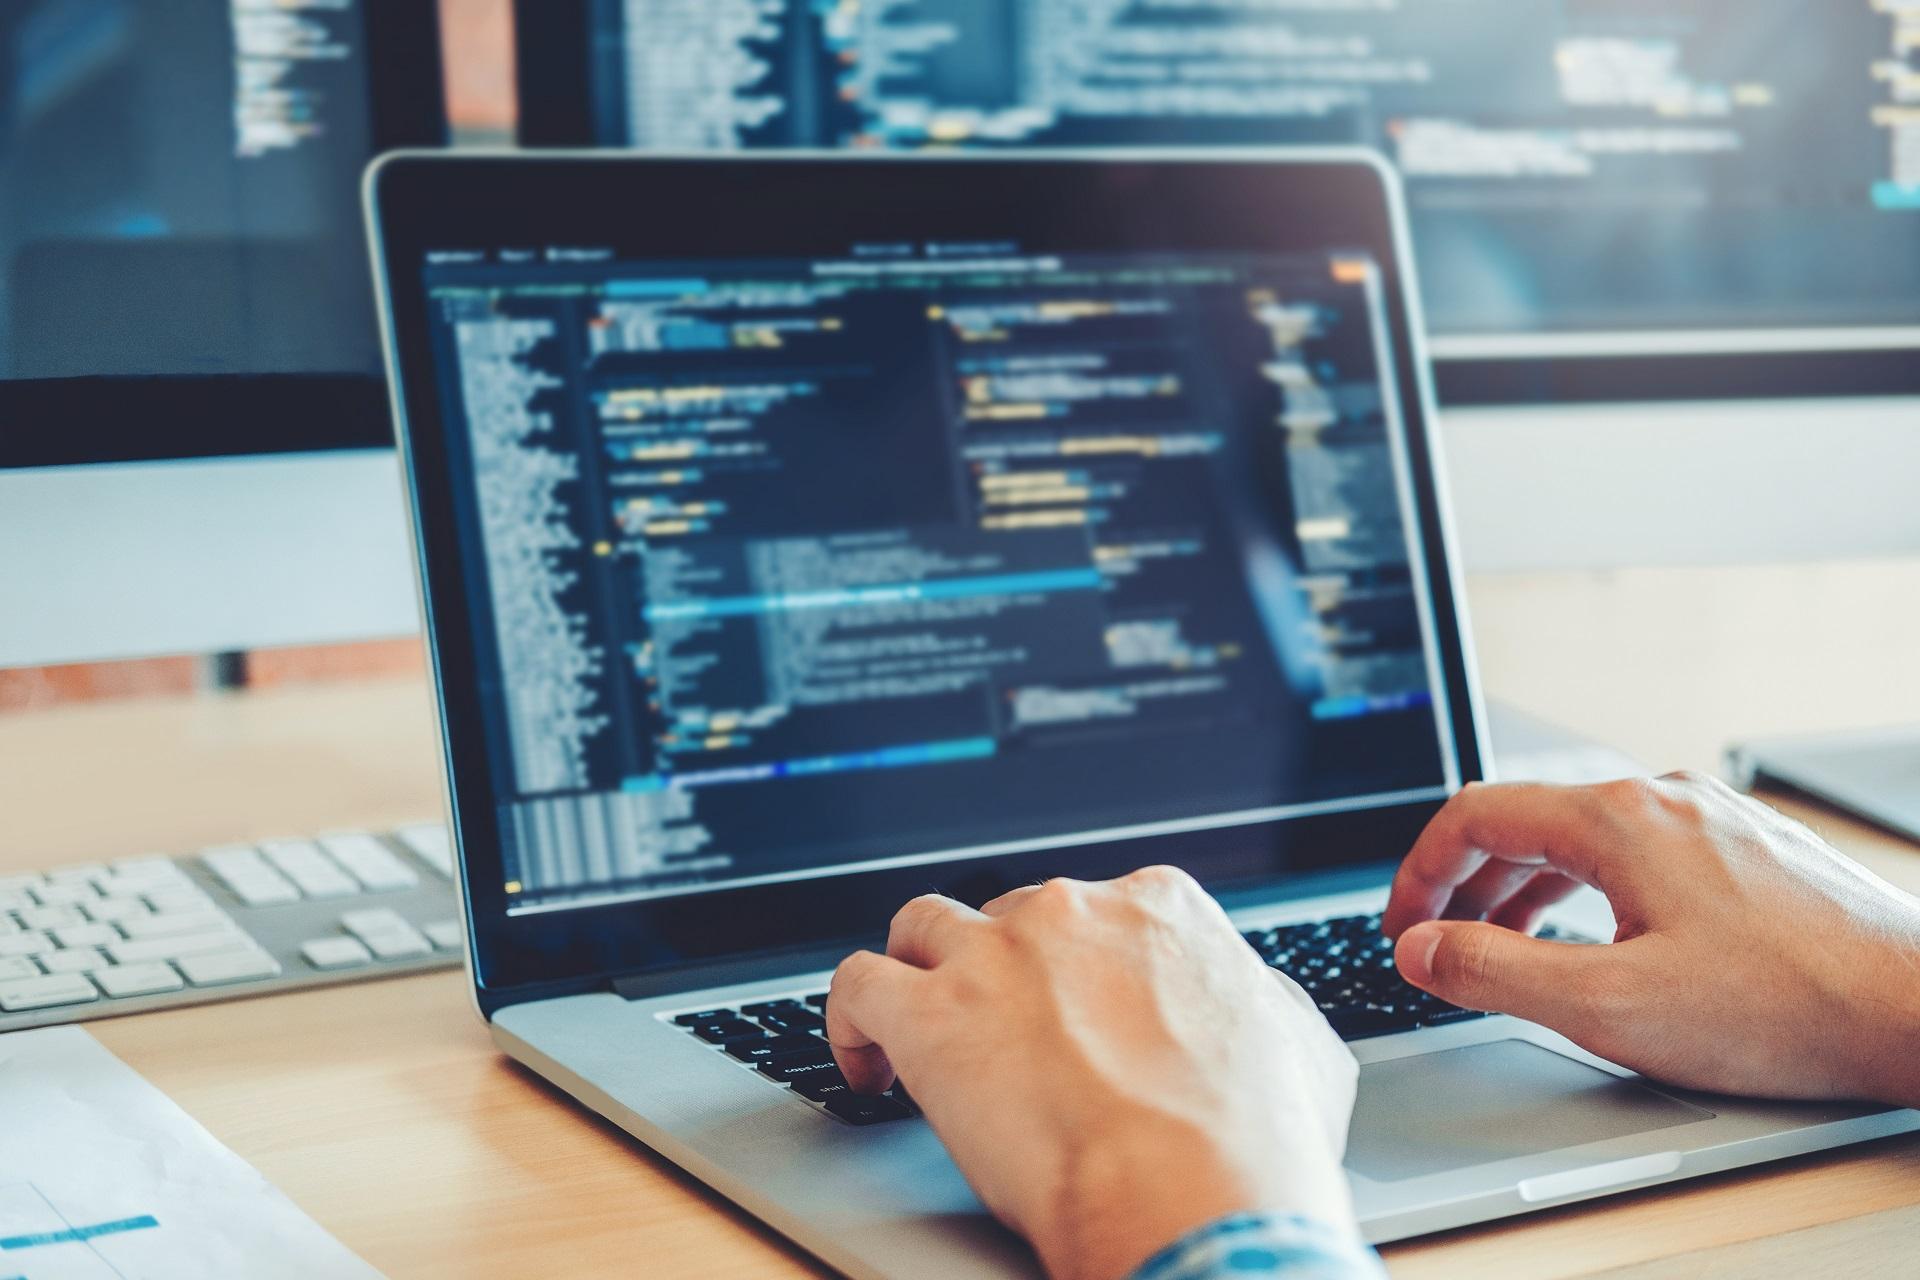 Developing programmer Development Website design and coding tech